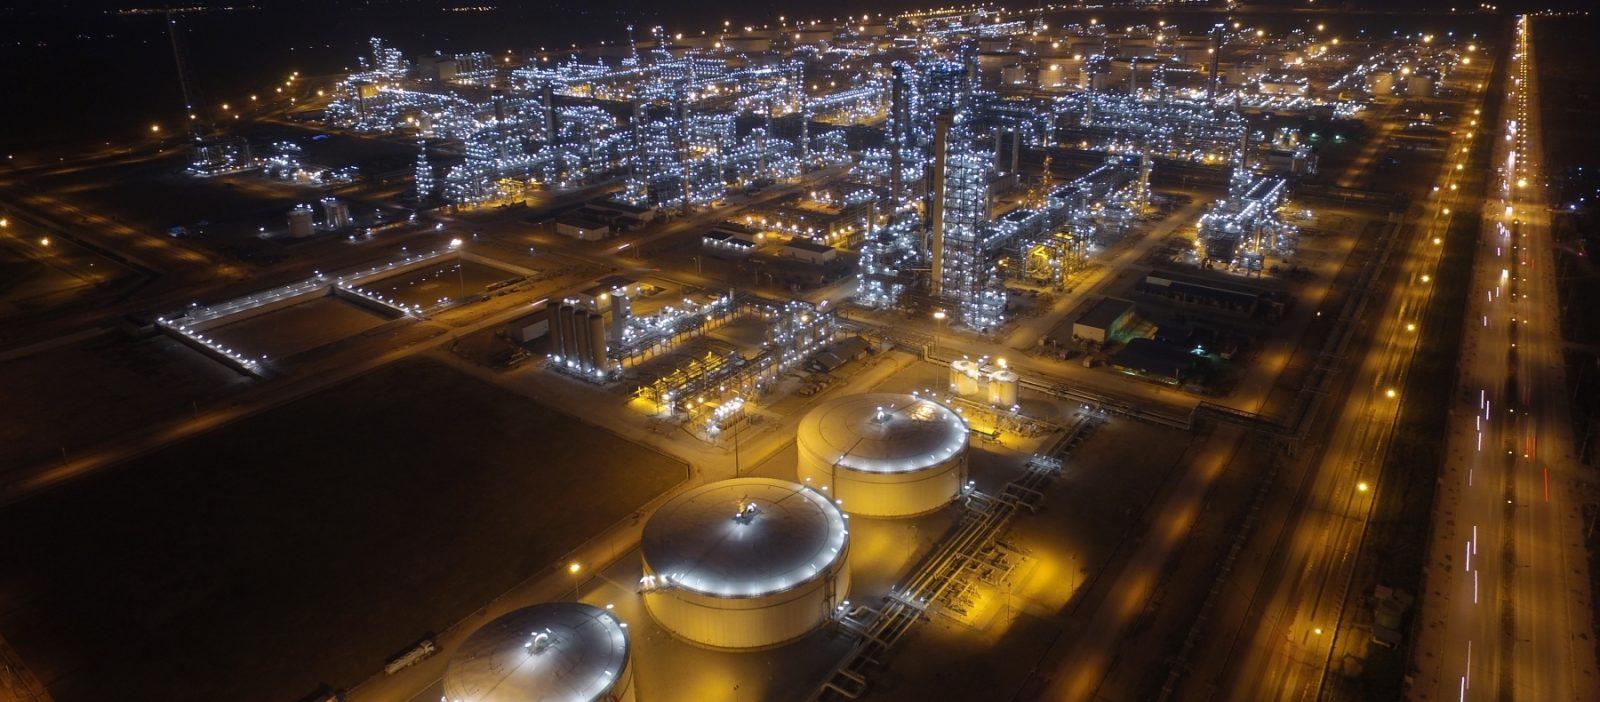 Tổ hợp Lọc hoá dầu lớn nhất Việt Nam vận hành thương mại